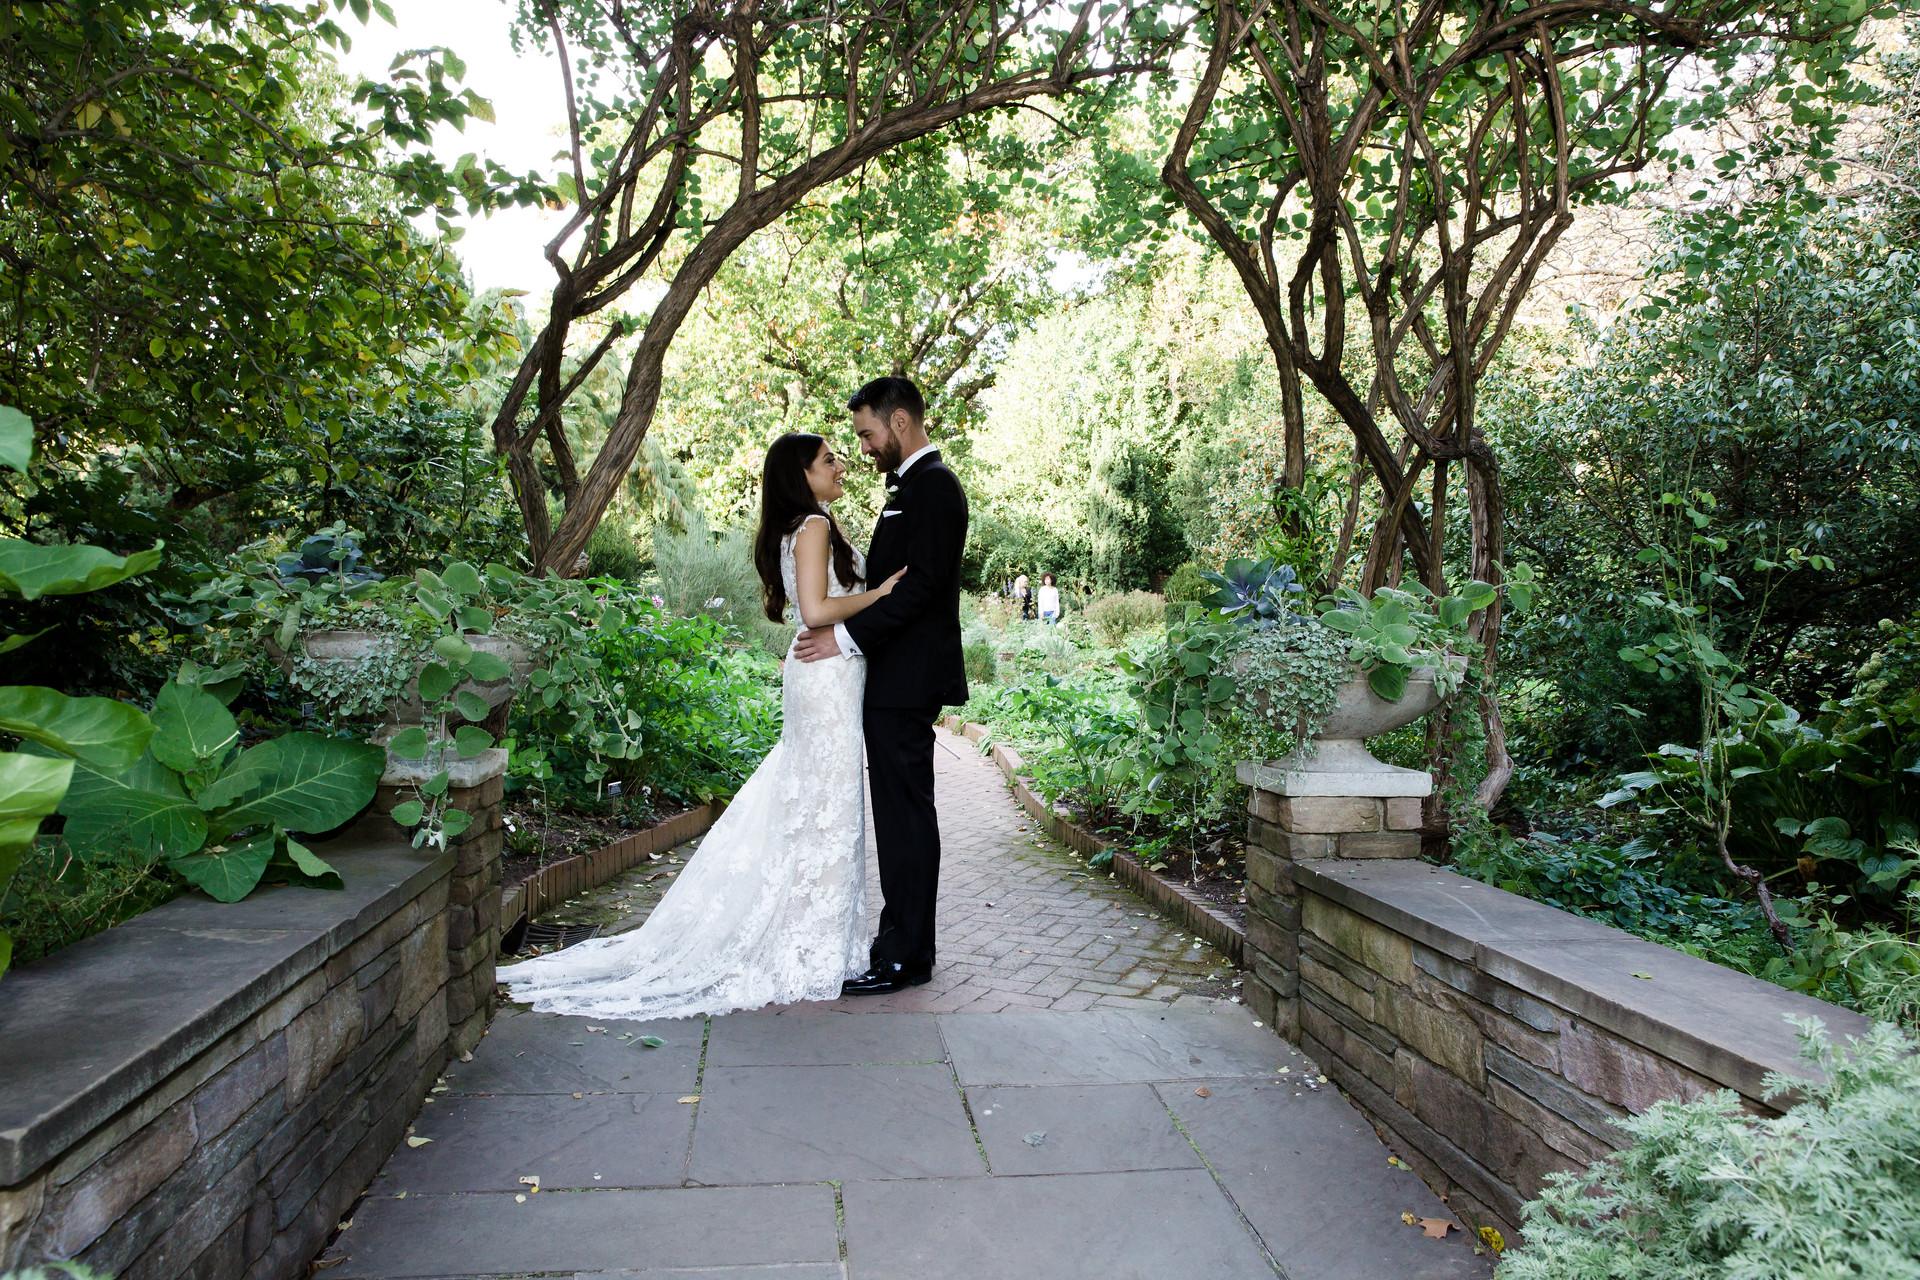 4-eyes-photography-foundry-wedding-0323.